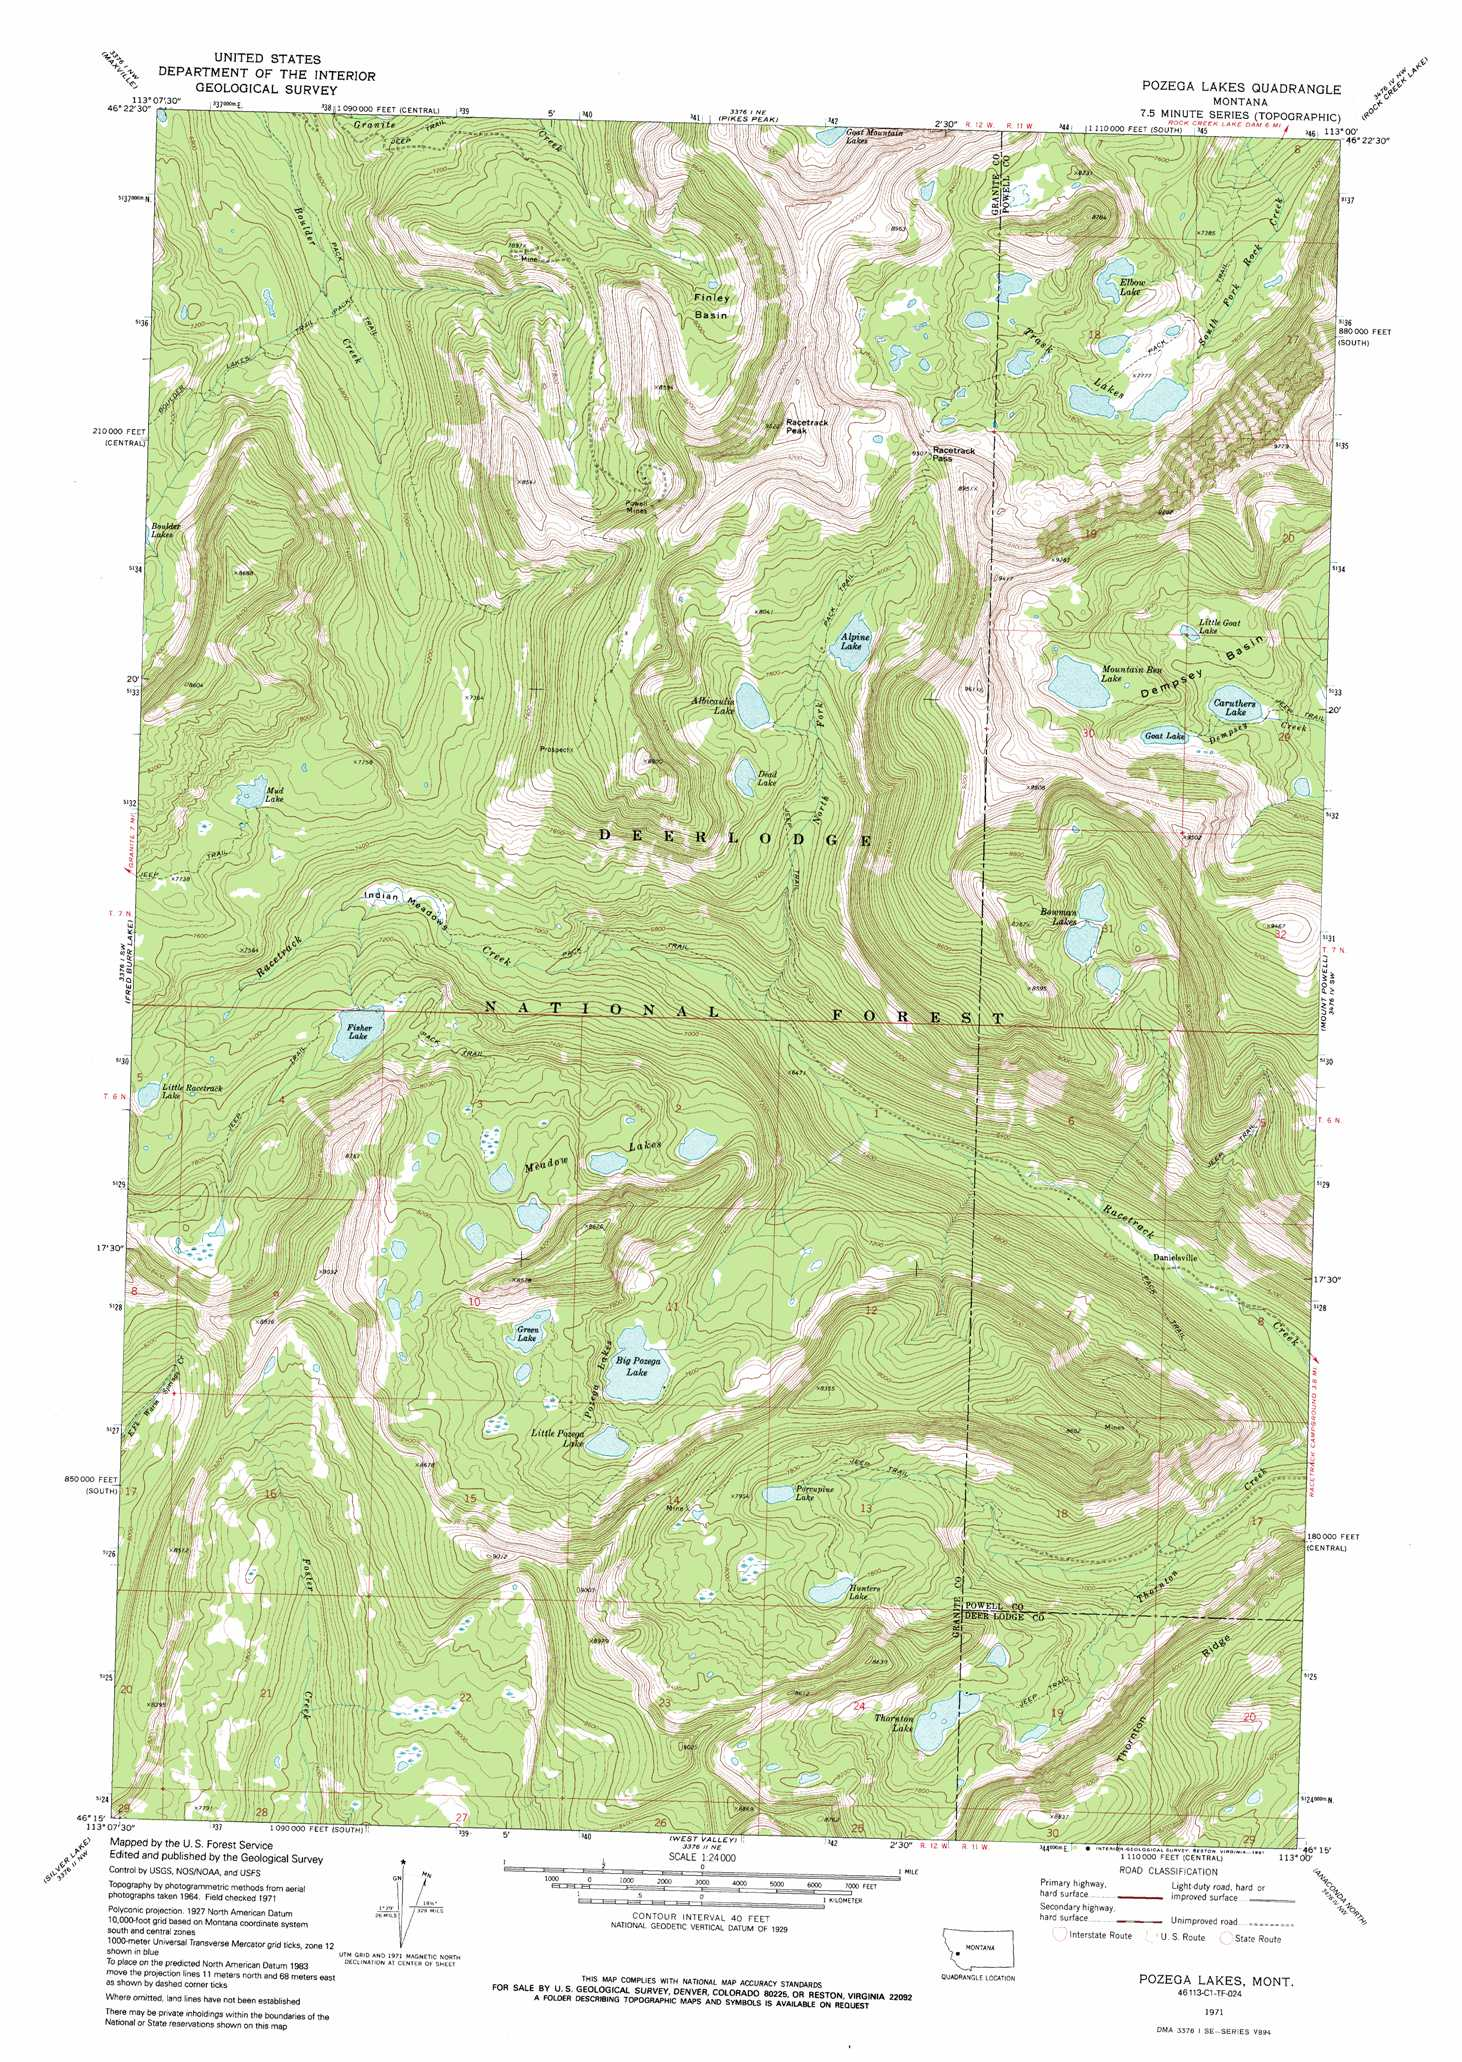 Pozega Lakes topographic map, MT - USGS Topo Quad 46113c1